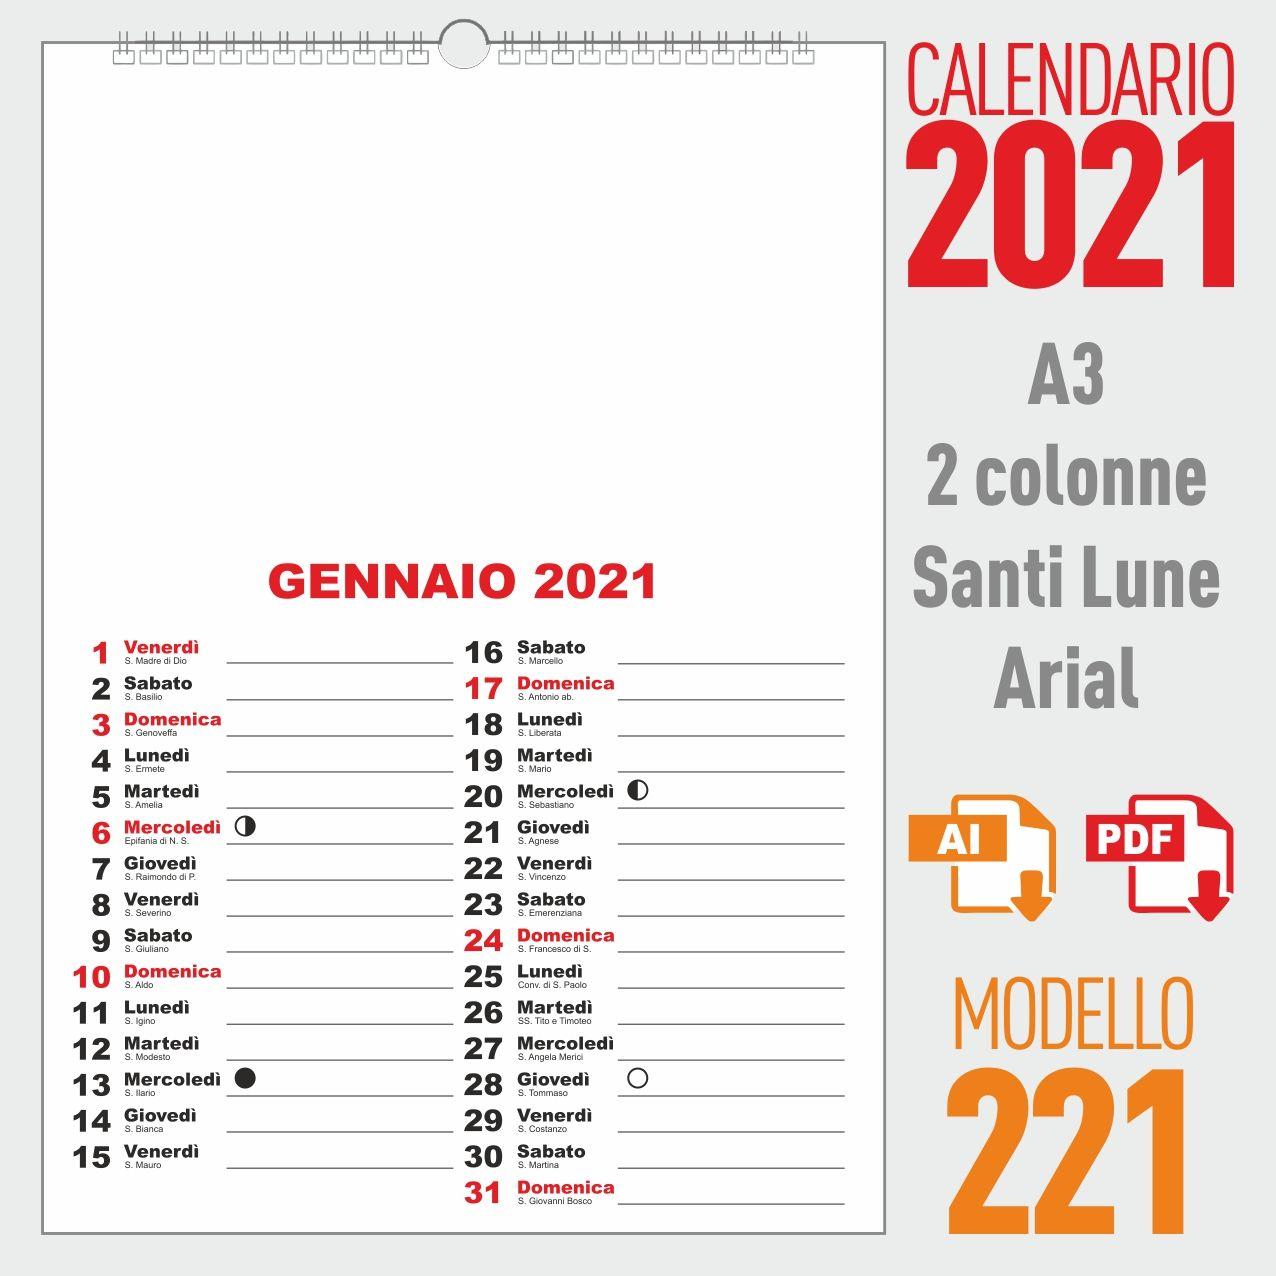 Calendario 2021 mensile nel 2020 | Calendario, Lunedi, Mercoledì